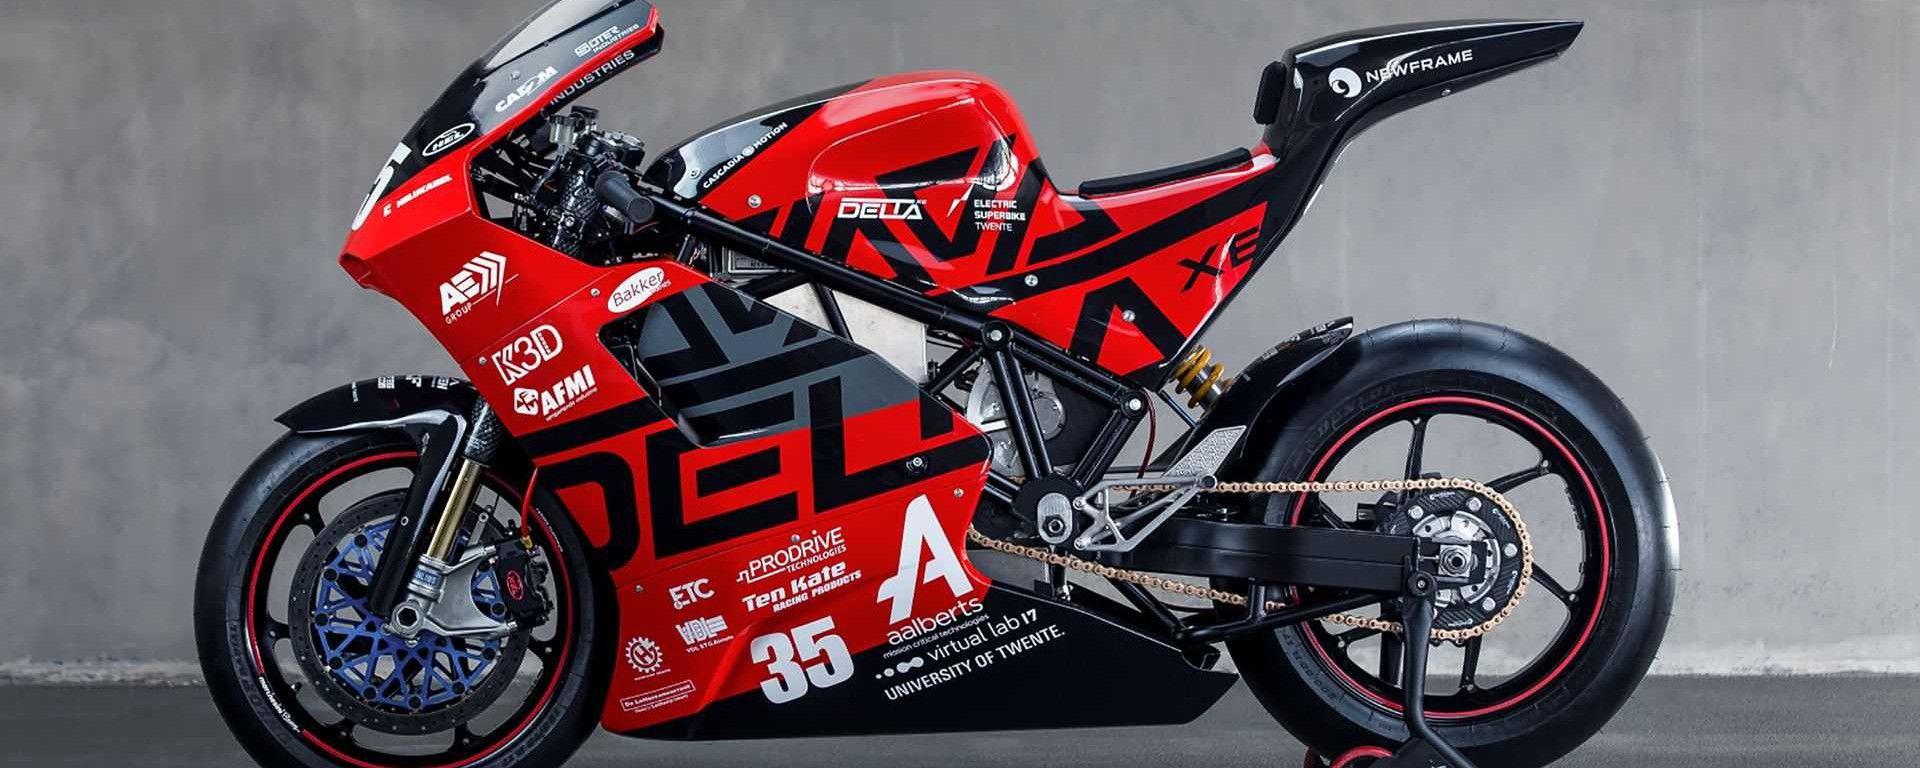 La superbike elettrica Delta-XE